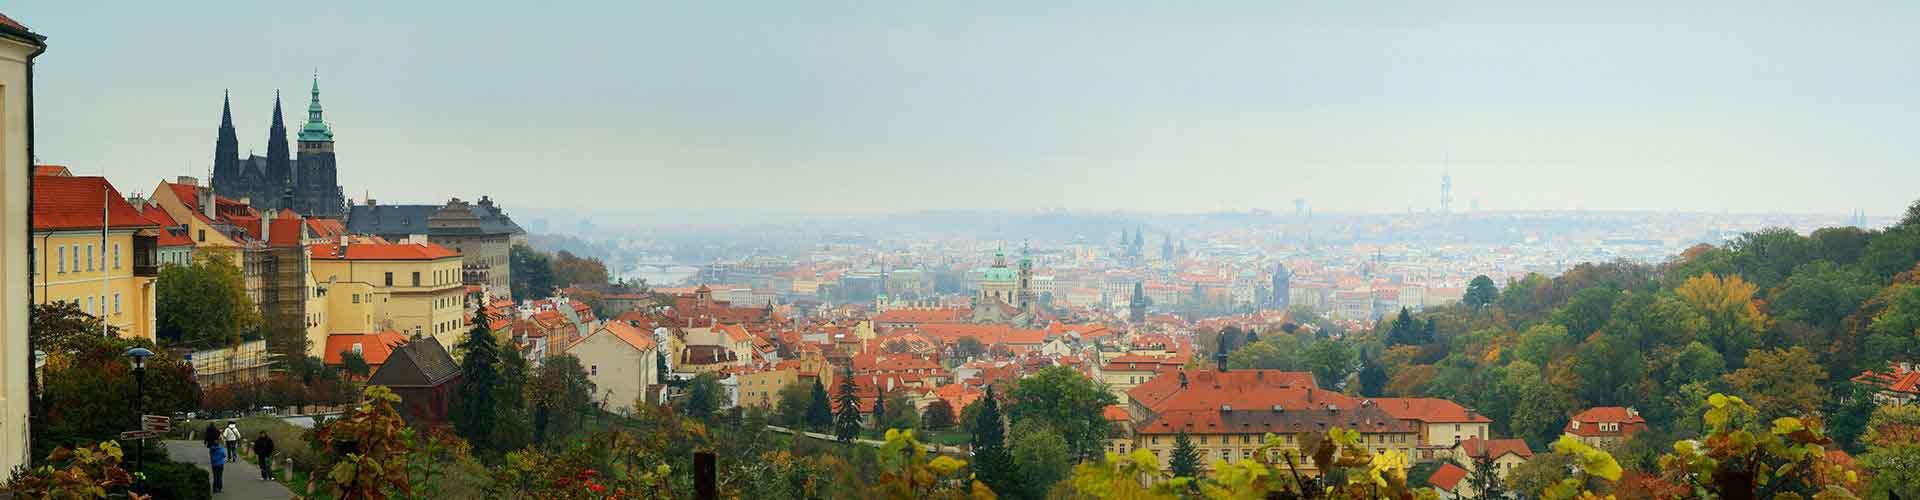 Praga – Albergues no bairro de Praga 3 . Mapas para Praga, Fotos e Avaliações para cada Albergue em Praga.